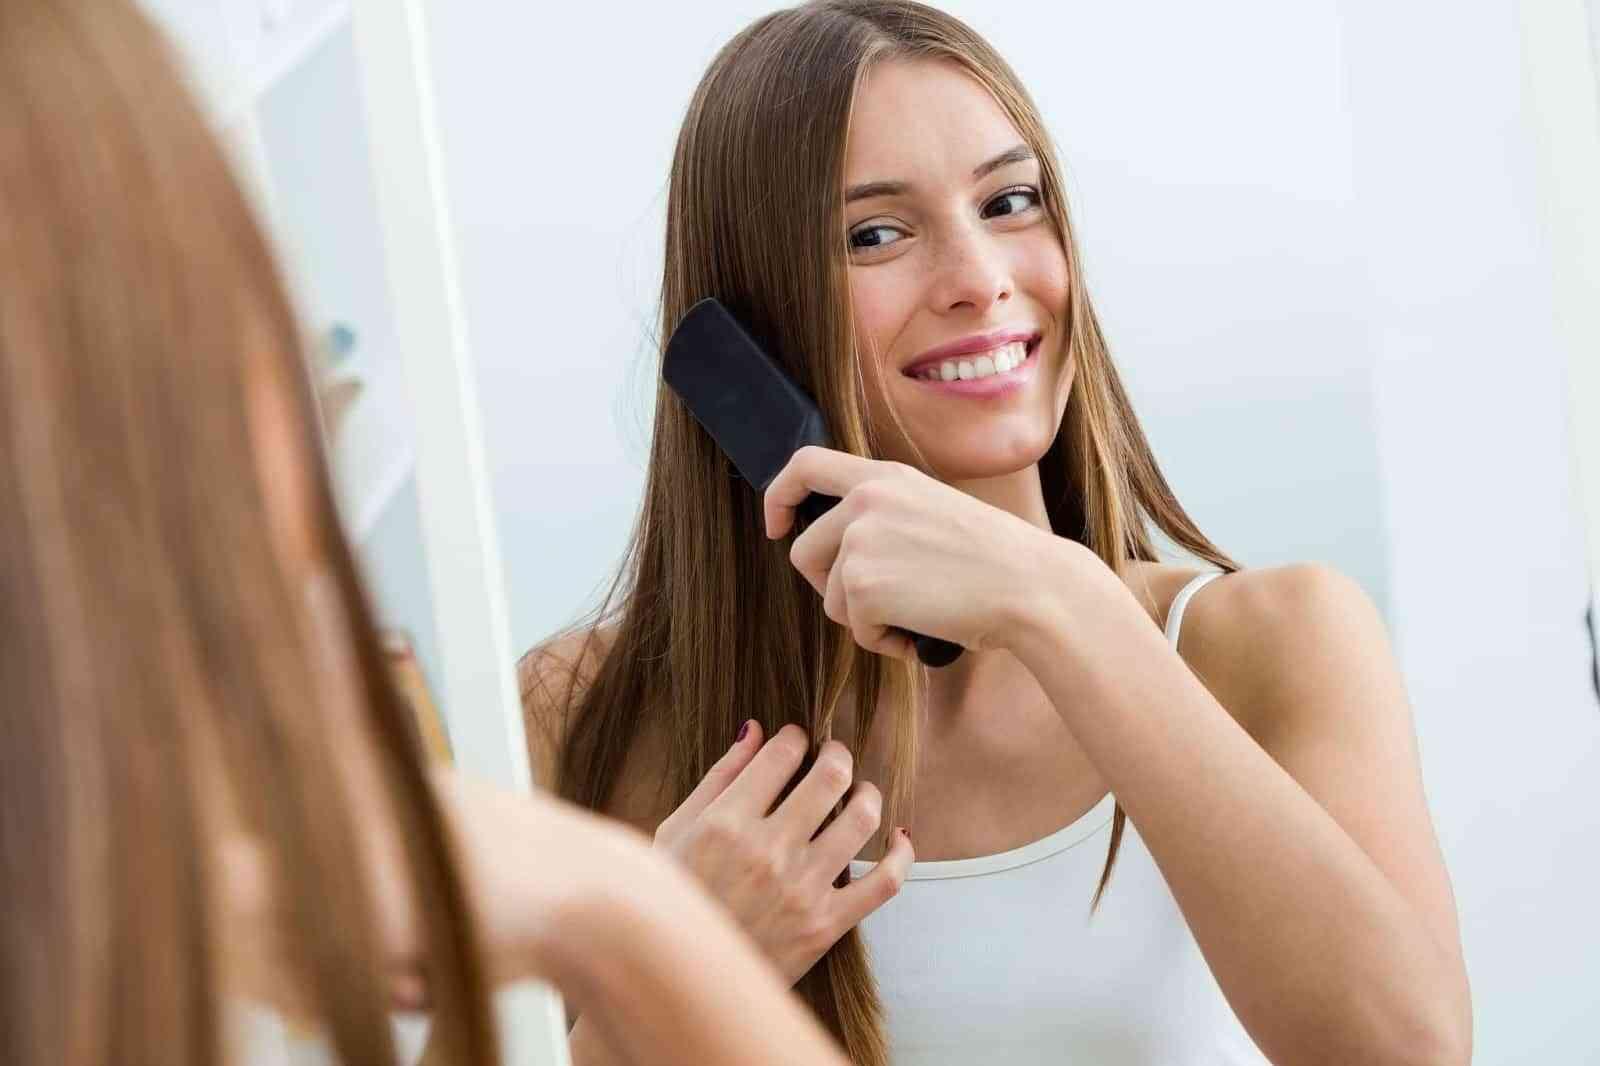 Consejos y tratamientos útiles para disminuir la caída del cabello 9